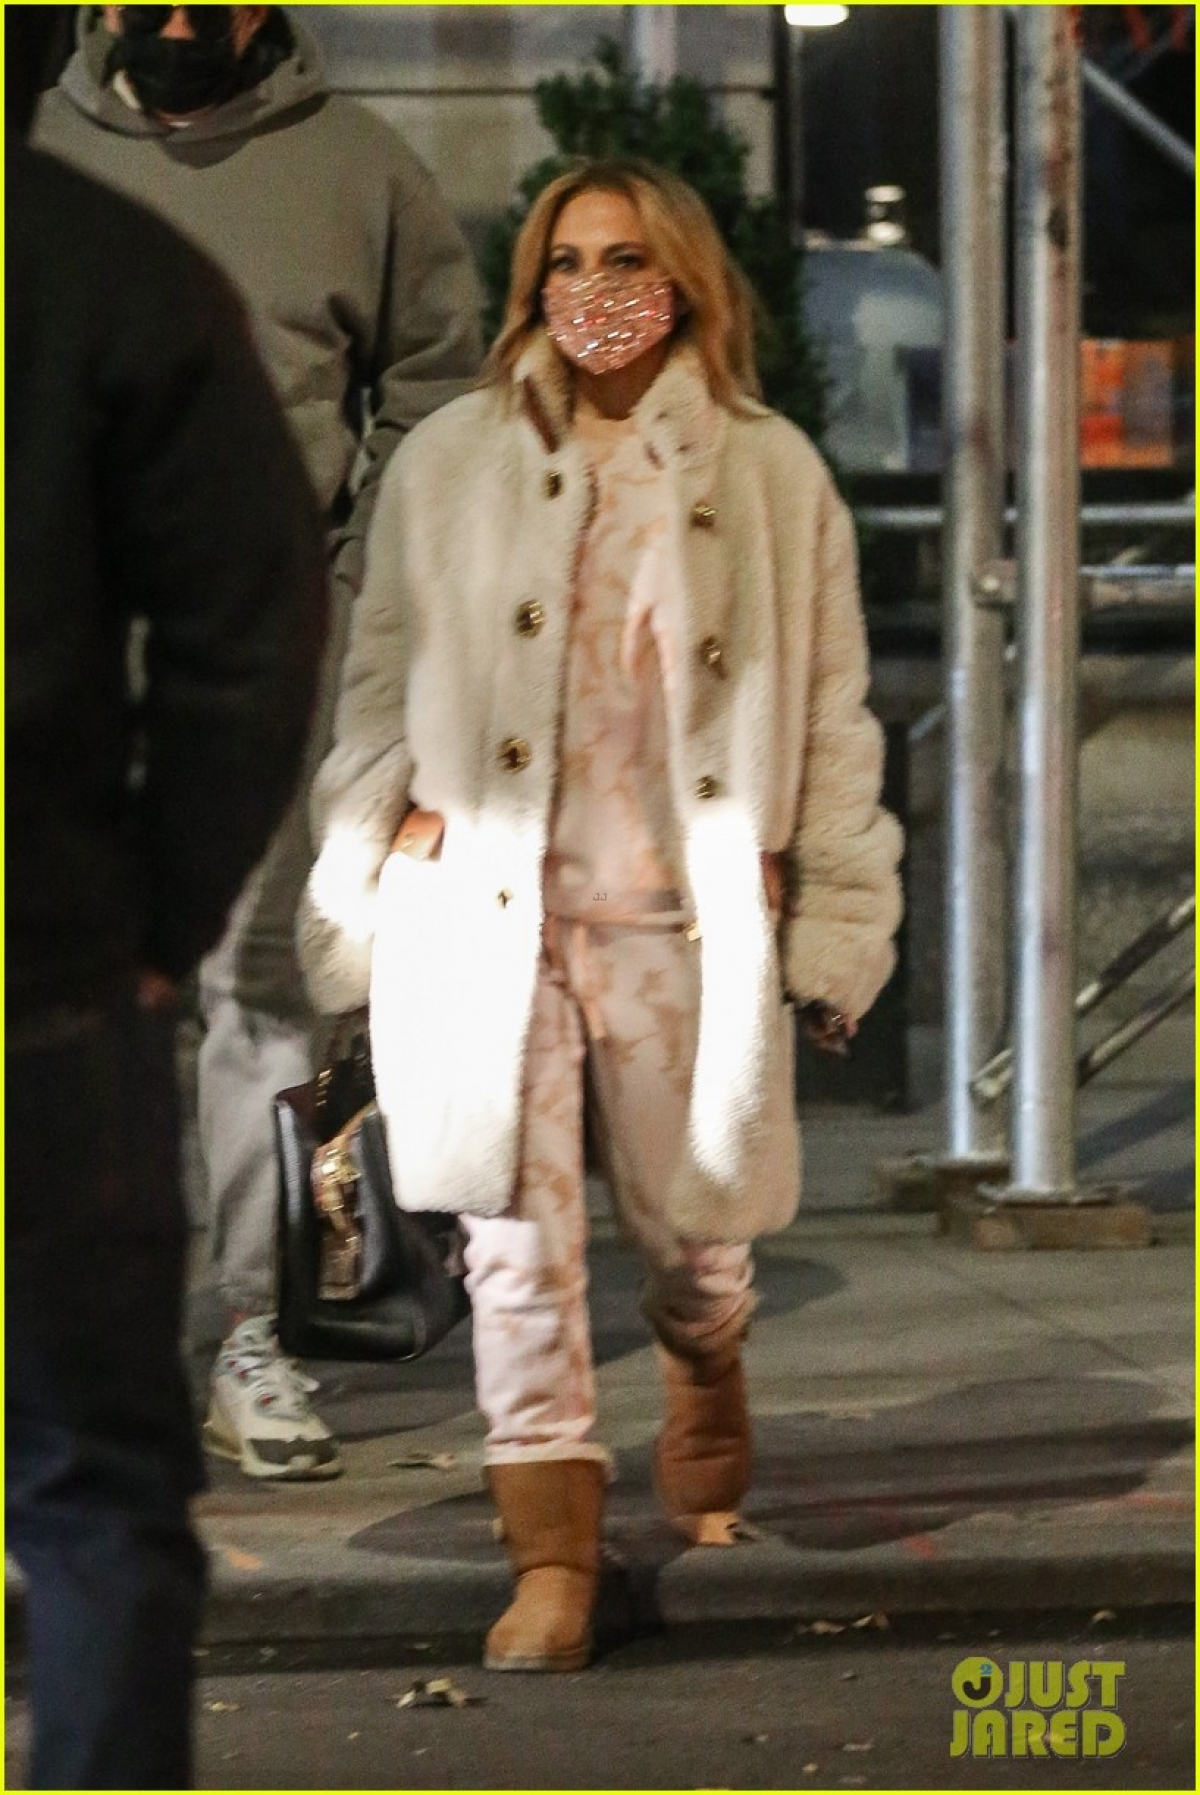 Nữ ca sĩ duỗi tóc thẳng, mặc đồ ấm áp ra phố trong tiết trời giá lạnh.